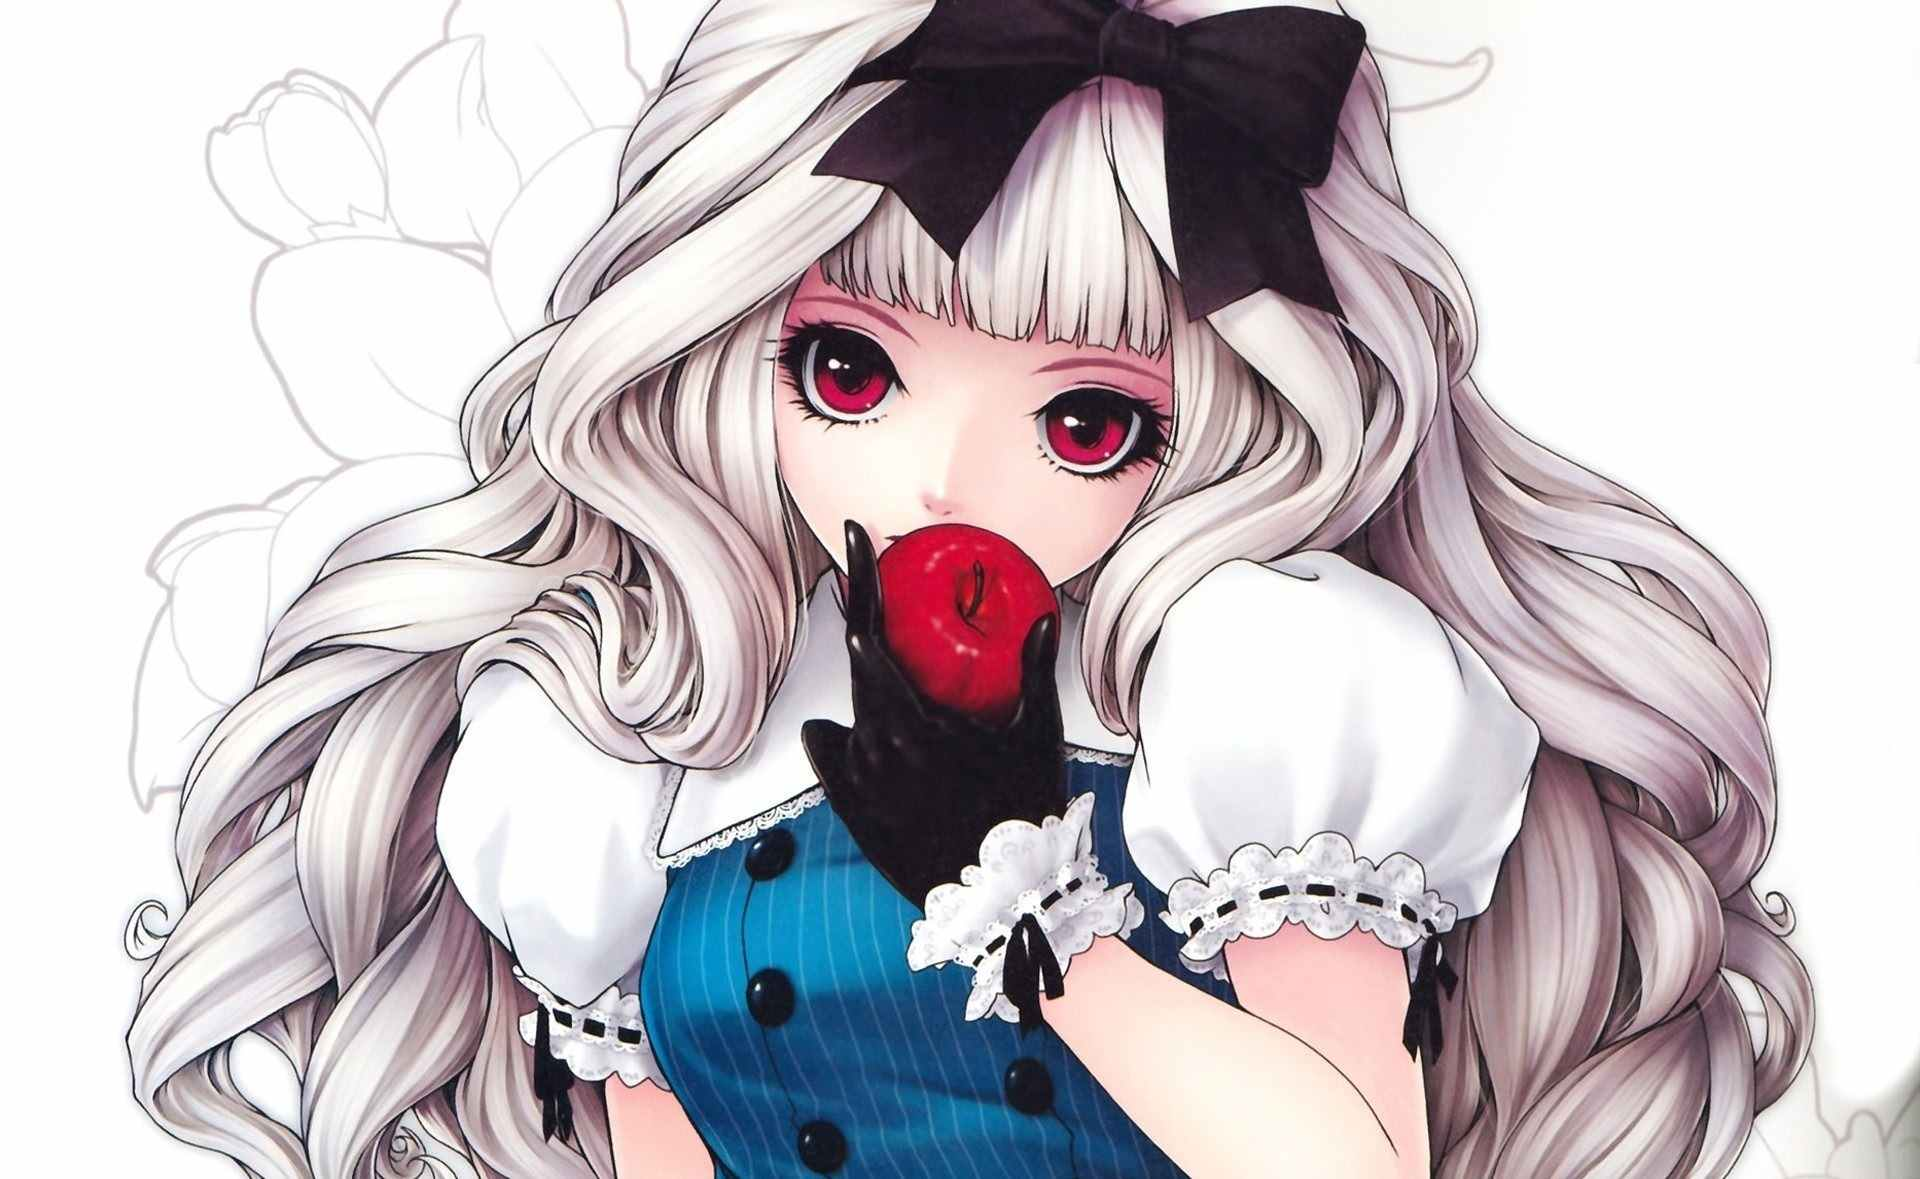 Красивые аниме картинки на аву для девушек 05